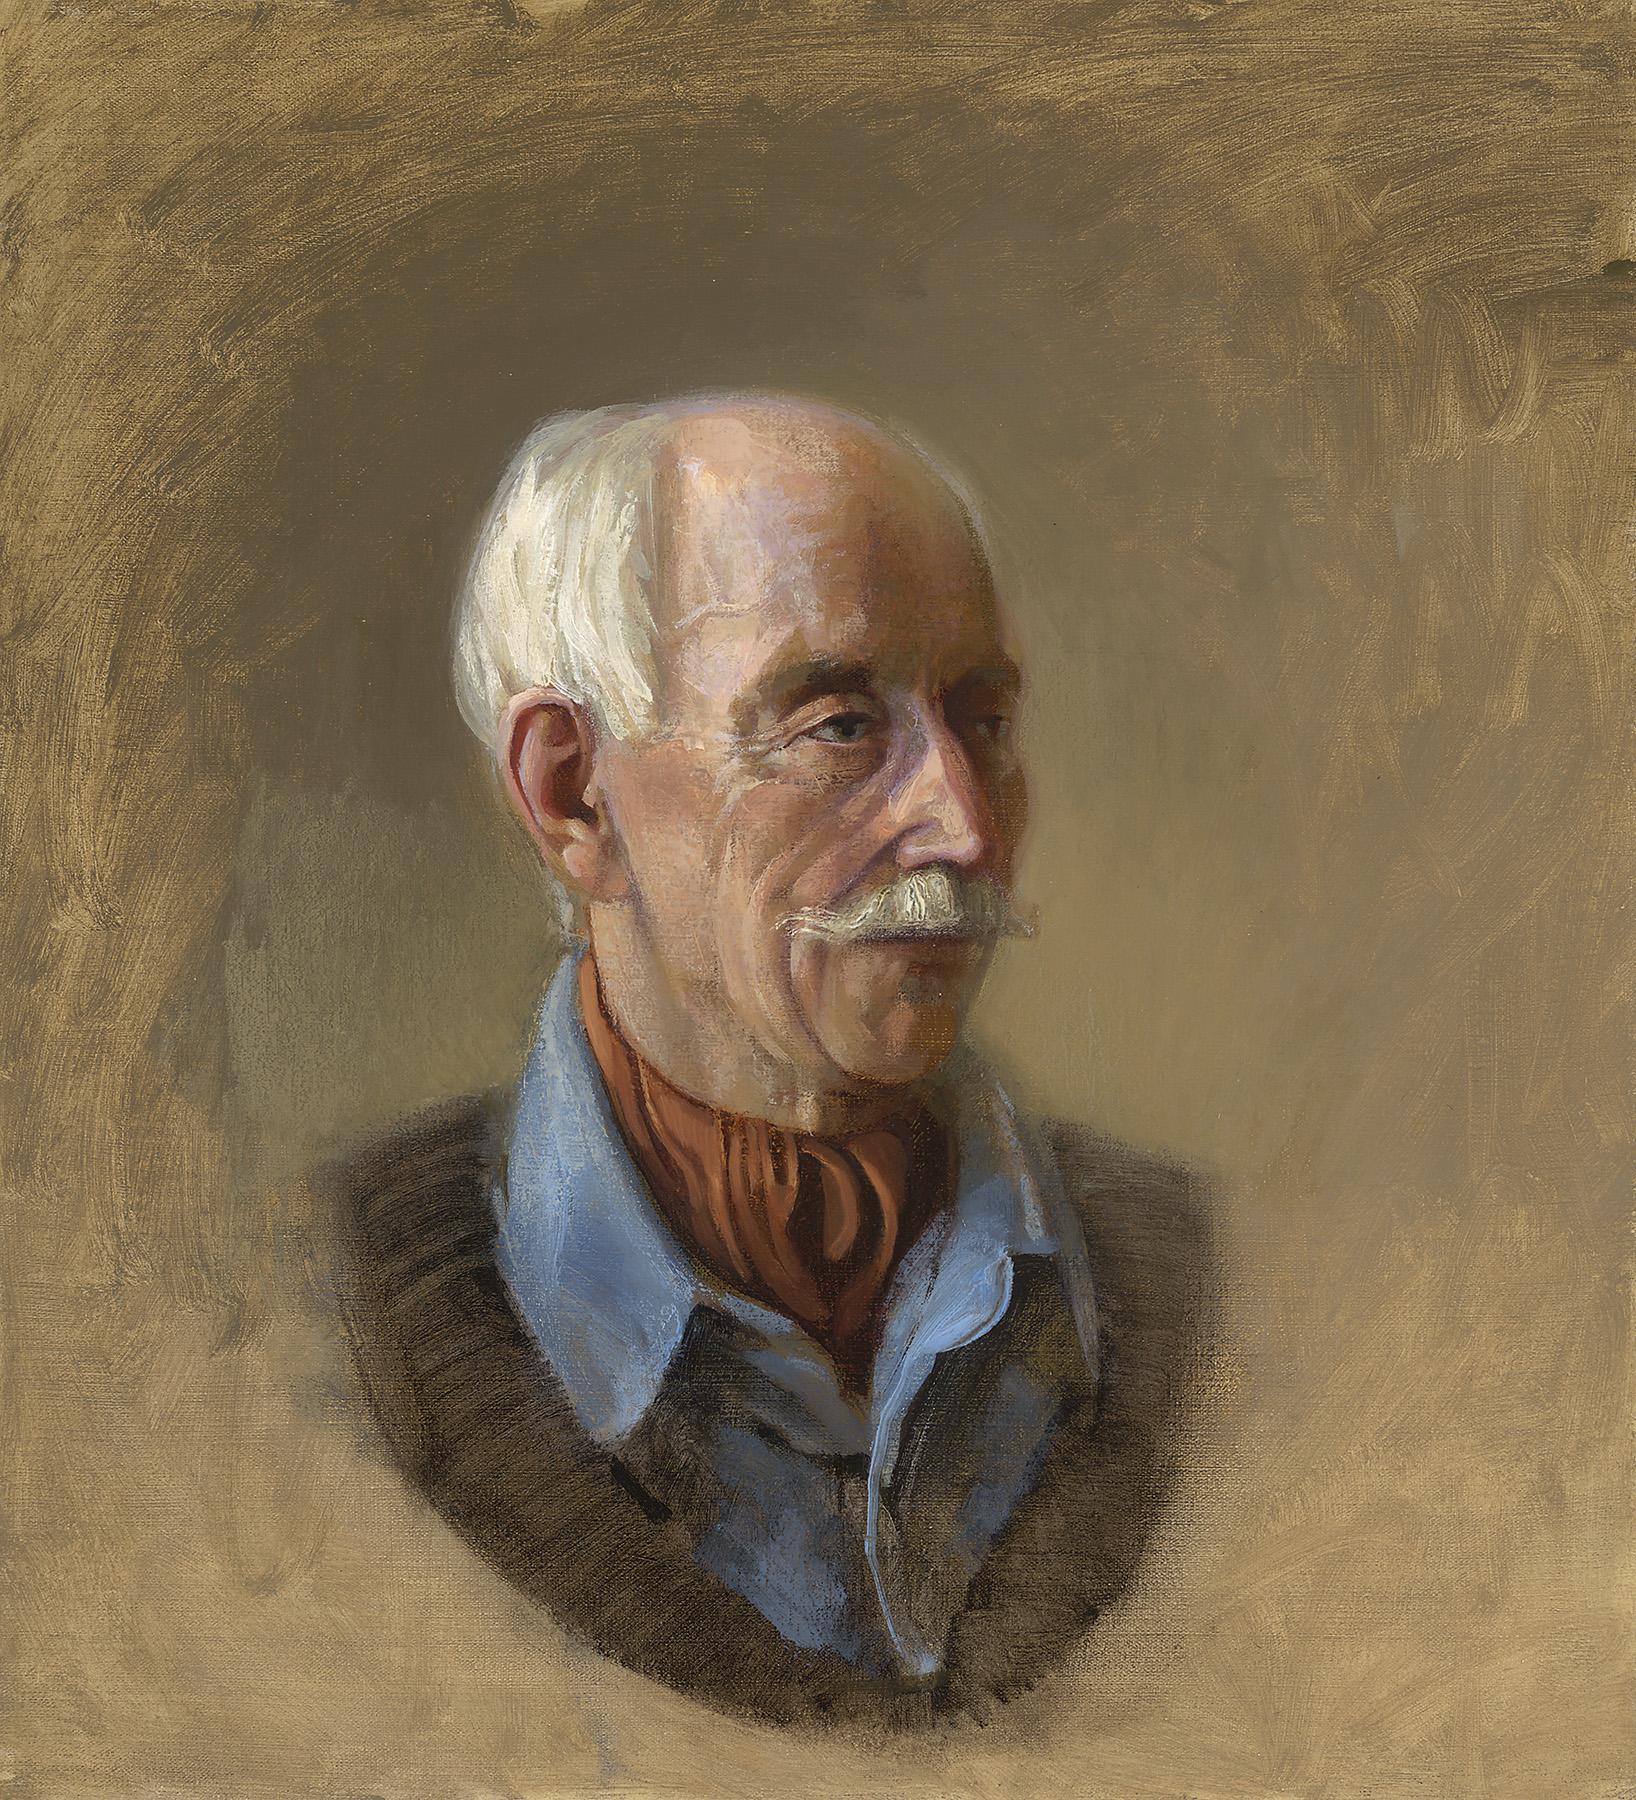 Cedric Stratton